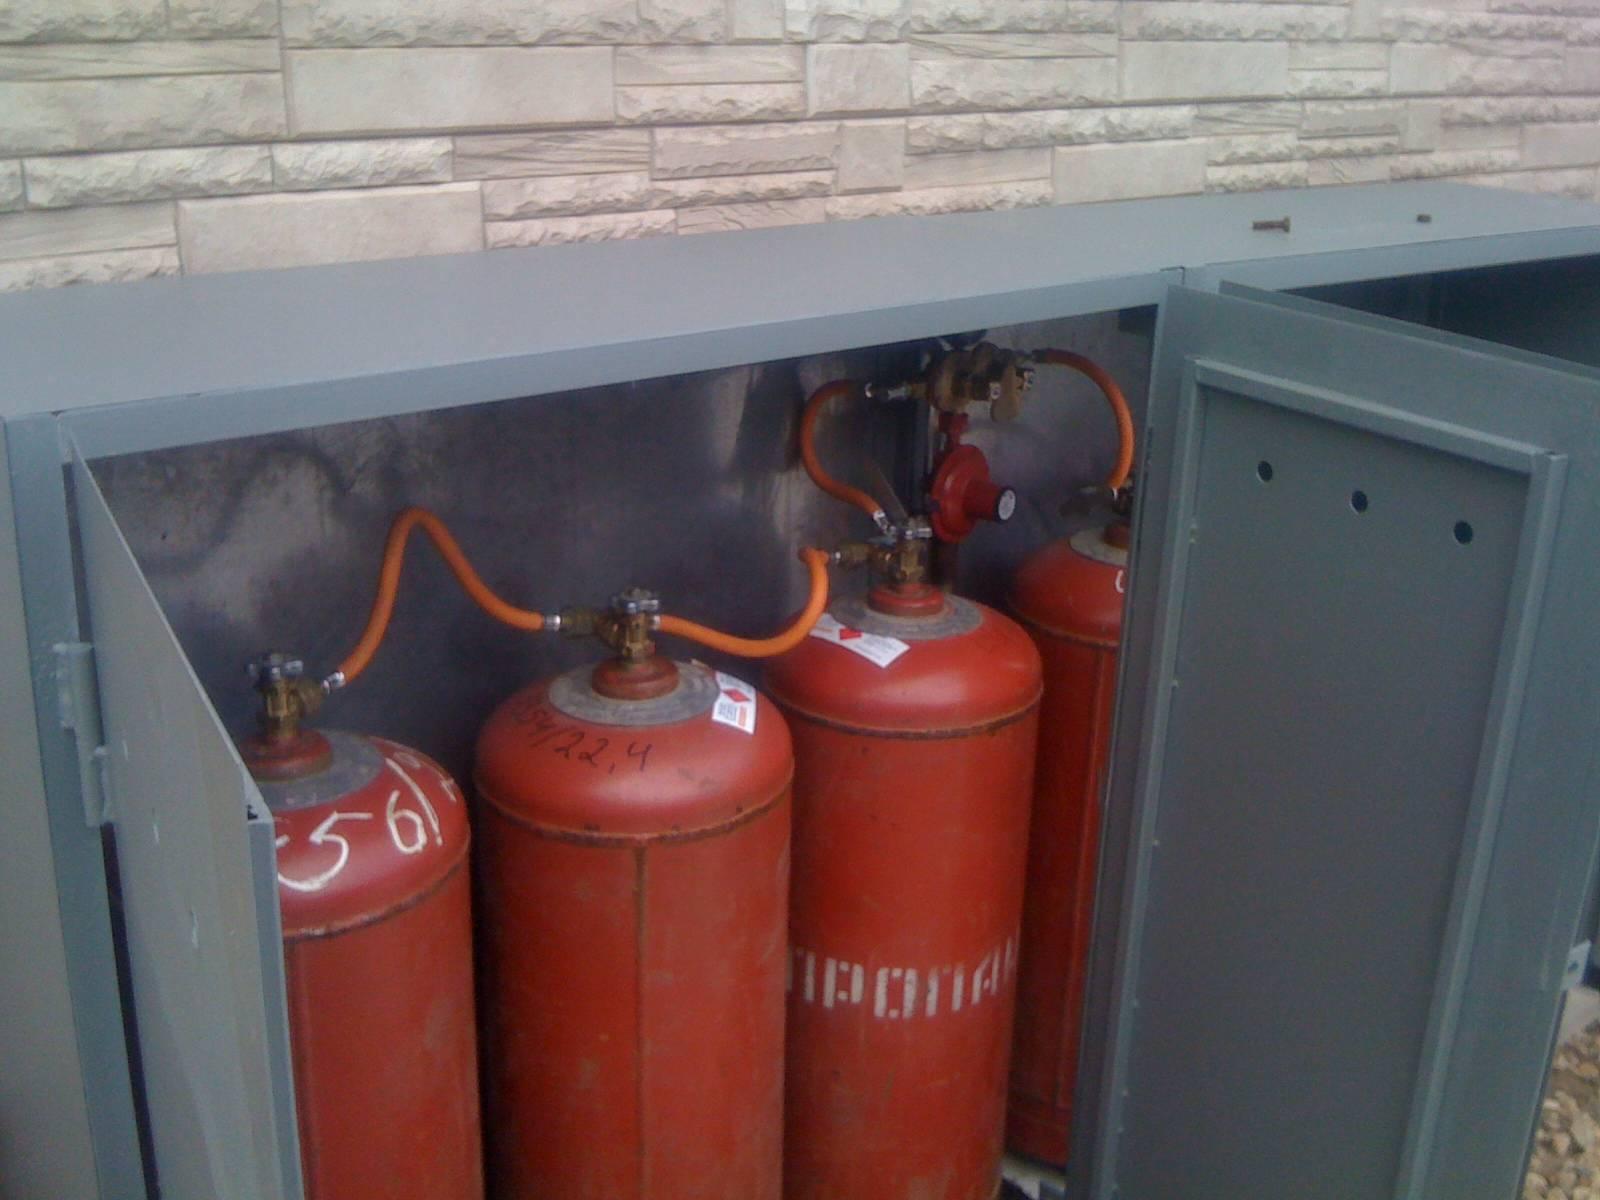 Монтаж газового отопления в частном доме своими руками: индивидуальная разводка газа, проектирование, газовое оборудование для современного отопления газом, отопительные котлы